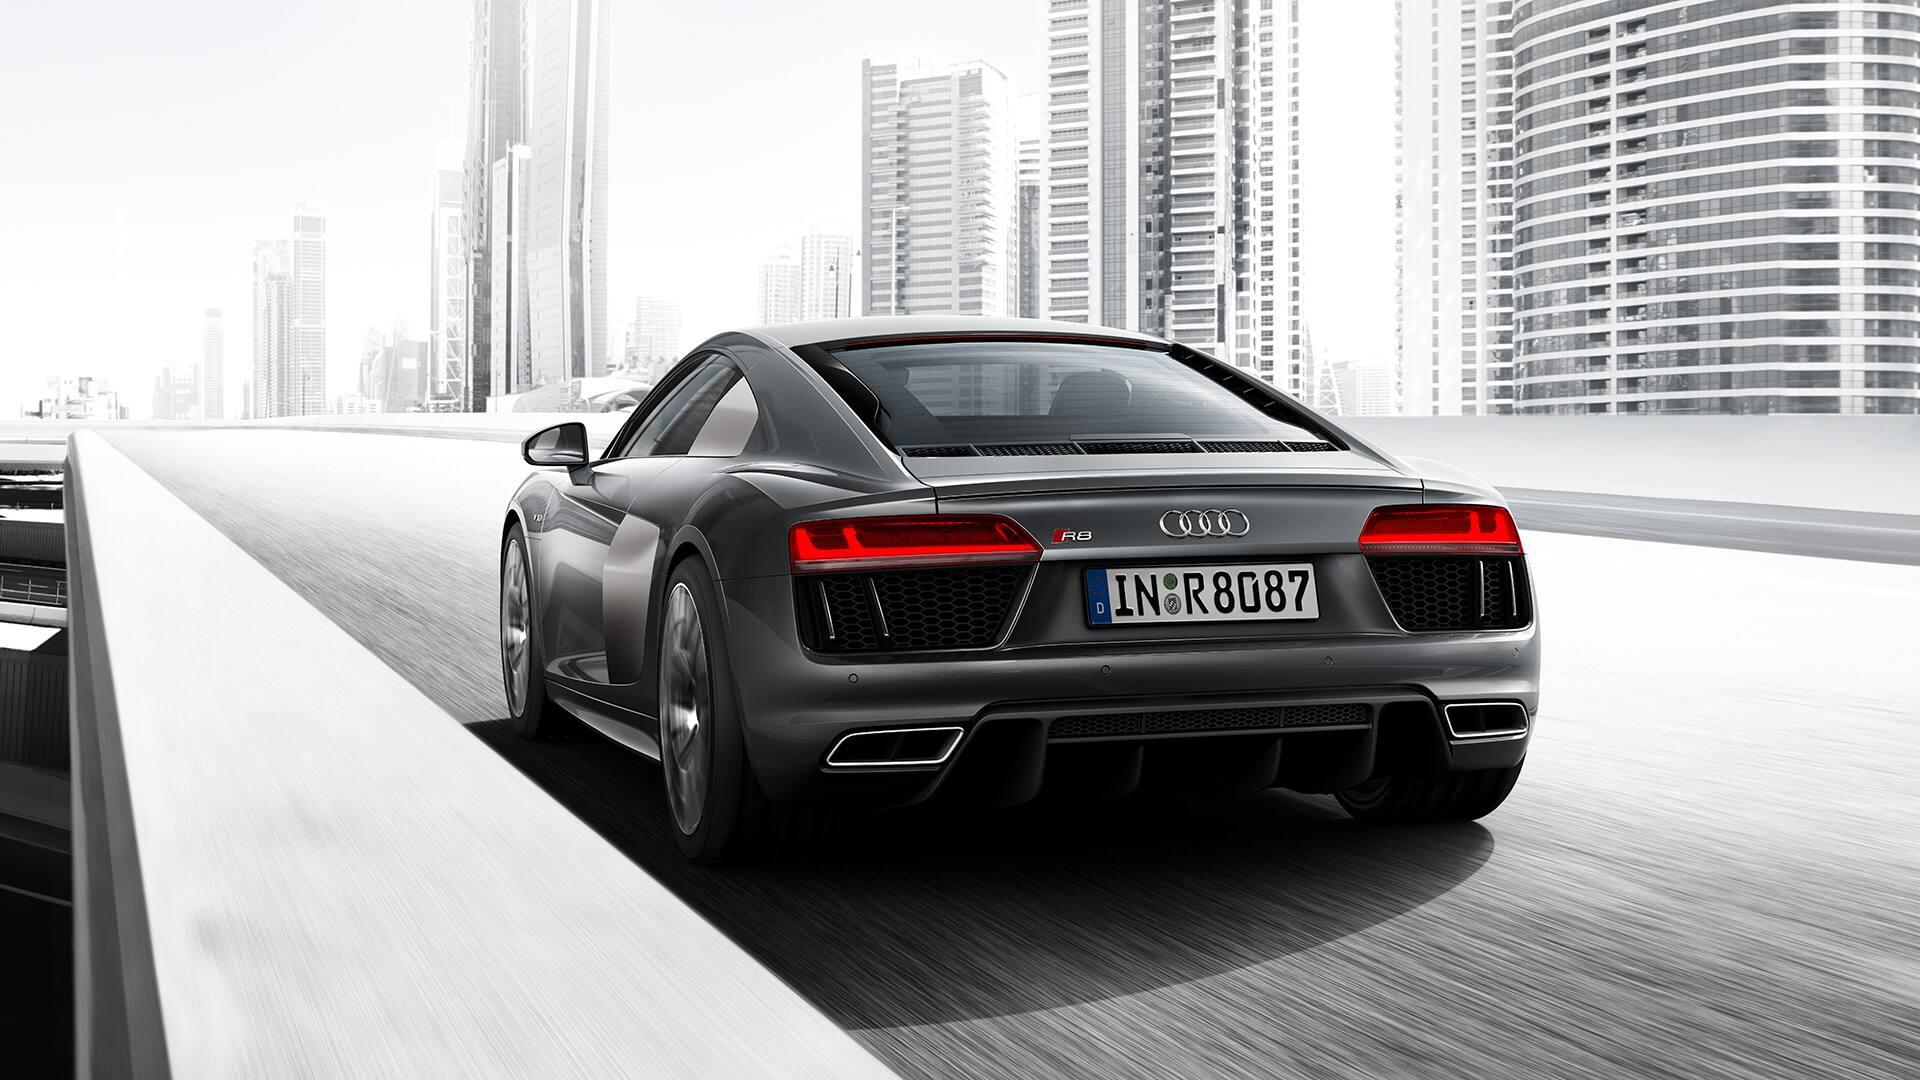 Audi R8 Coupé V10 R8 Audi Middle East